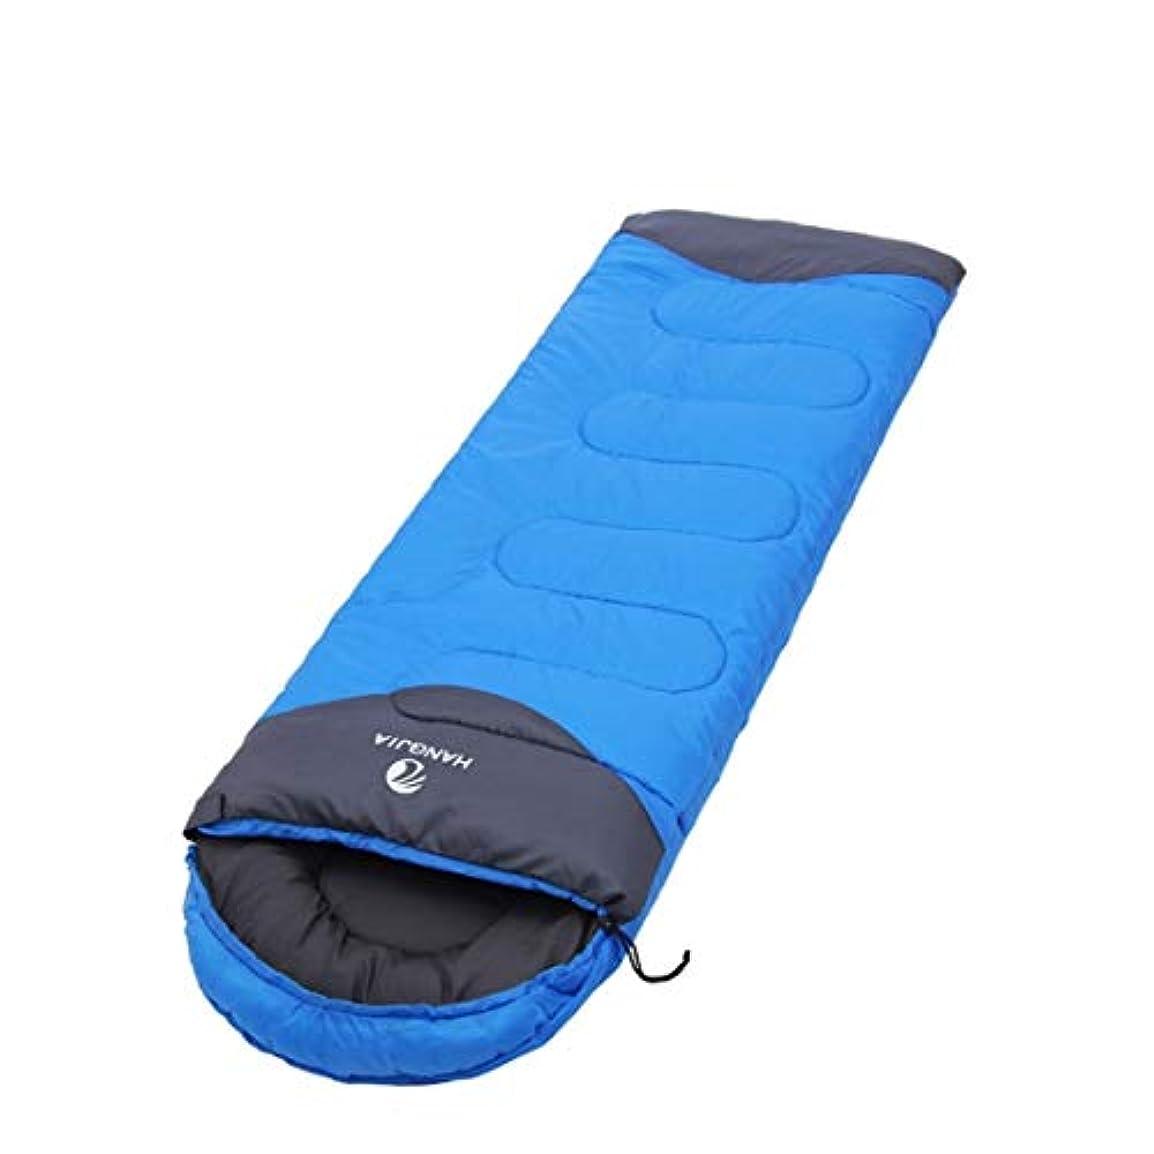 産地人間扱いやすいALEXBIAN 3倍厚い寝袋屋外スーパーライトキャンプランチ休憩寝袋春、夏、秋と冬 (Color : Blue)